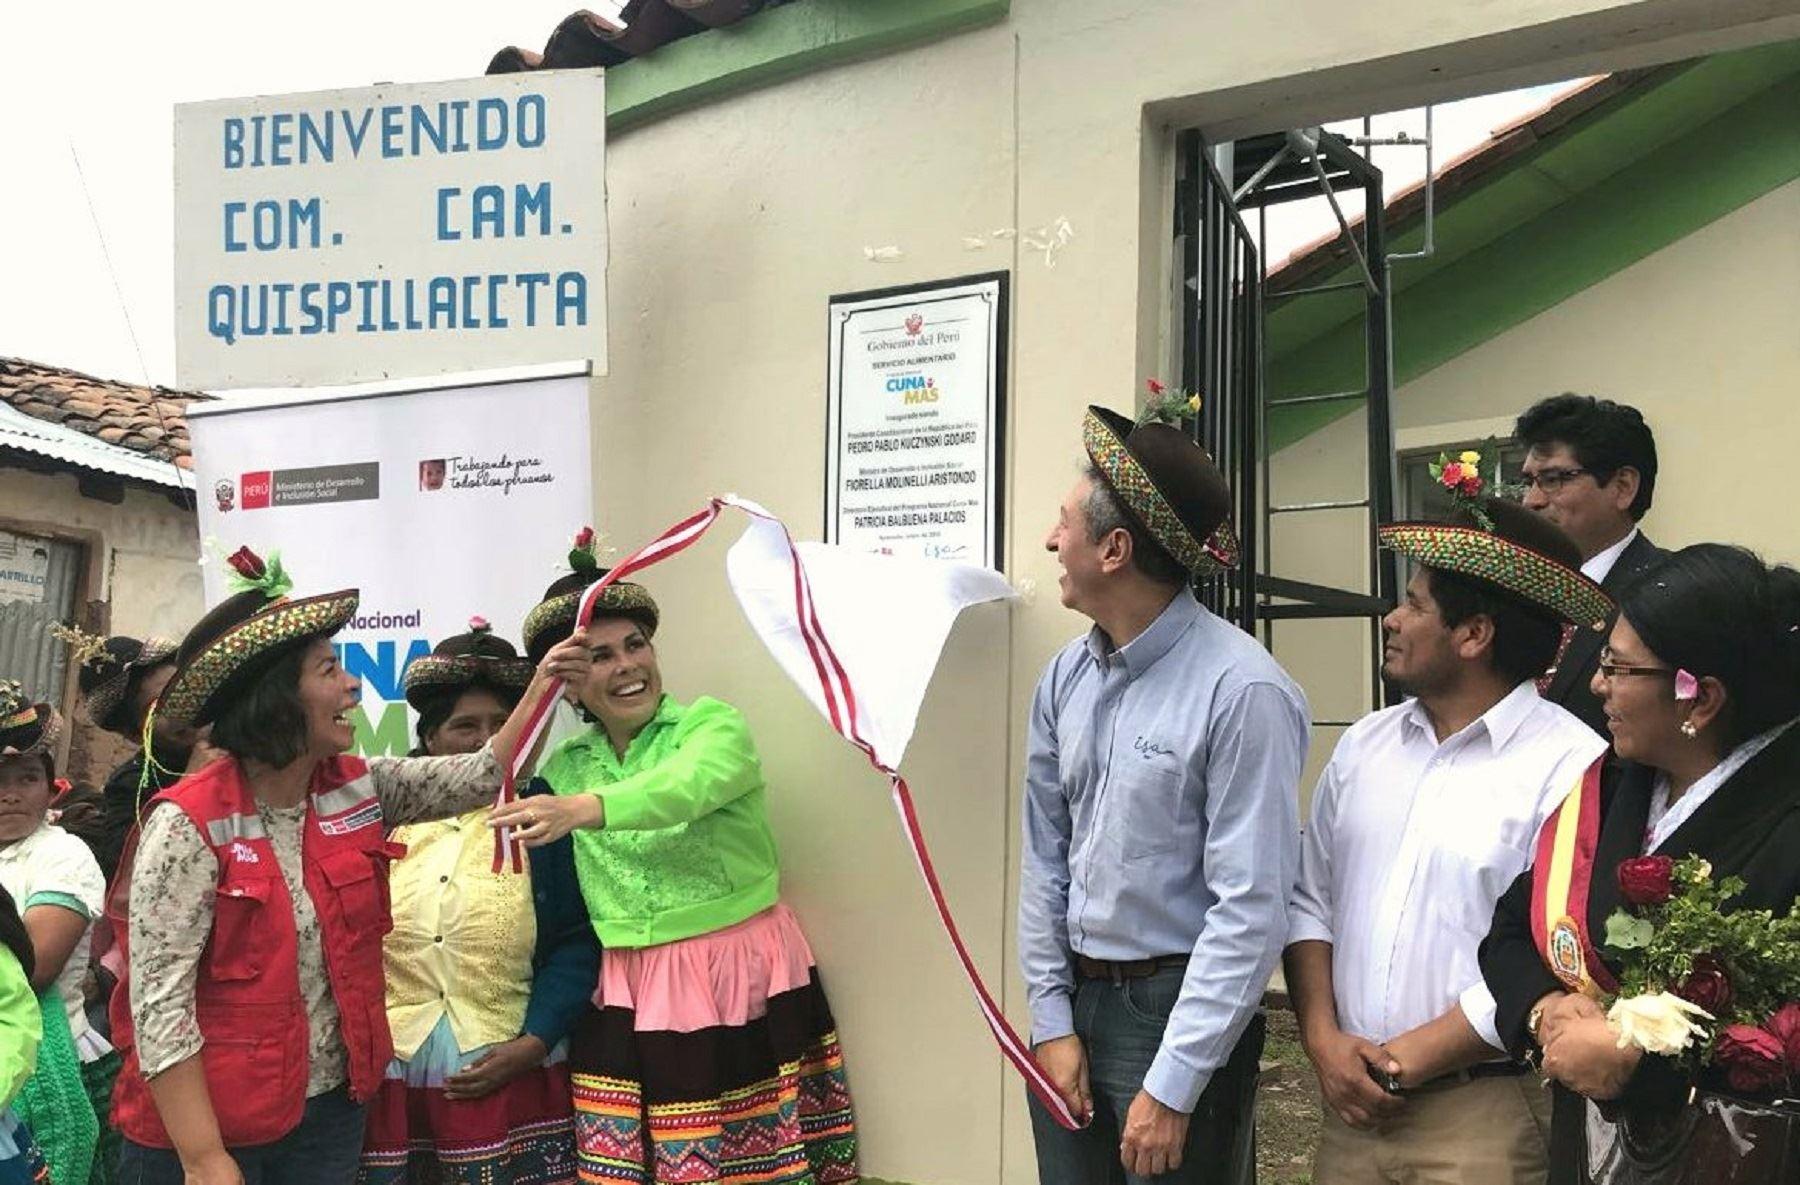 La titular del Midis inauguró las obras de mantenimiento y equipamiento del Servicio Alimentario del Programa Nacional Cuna Más en el Centro Poblado Quispillaccta del distrito de Chuschi, en beneficio de niños y niñas de familias de extrema pobreza en Quispillaccta y Uchuyri.